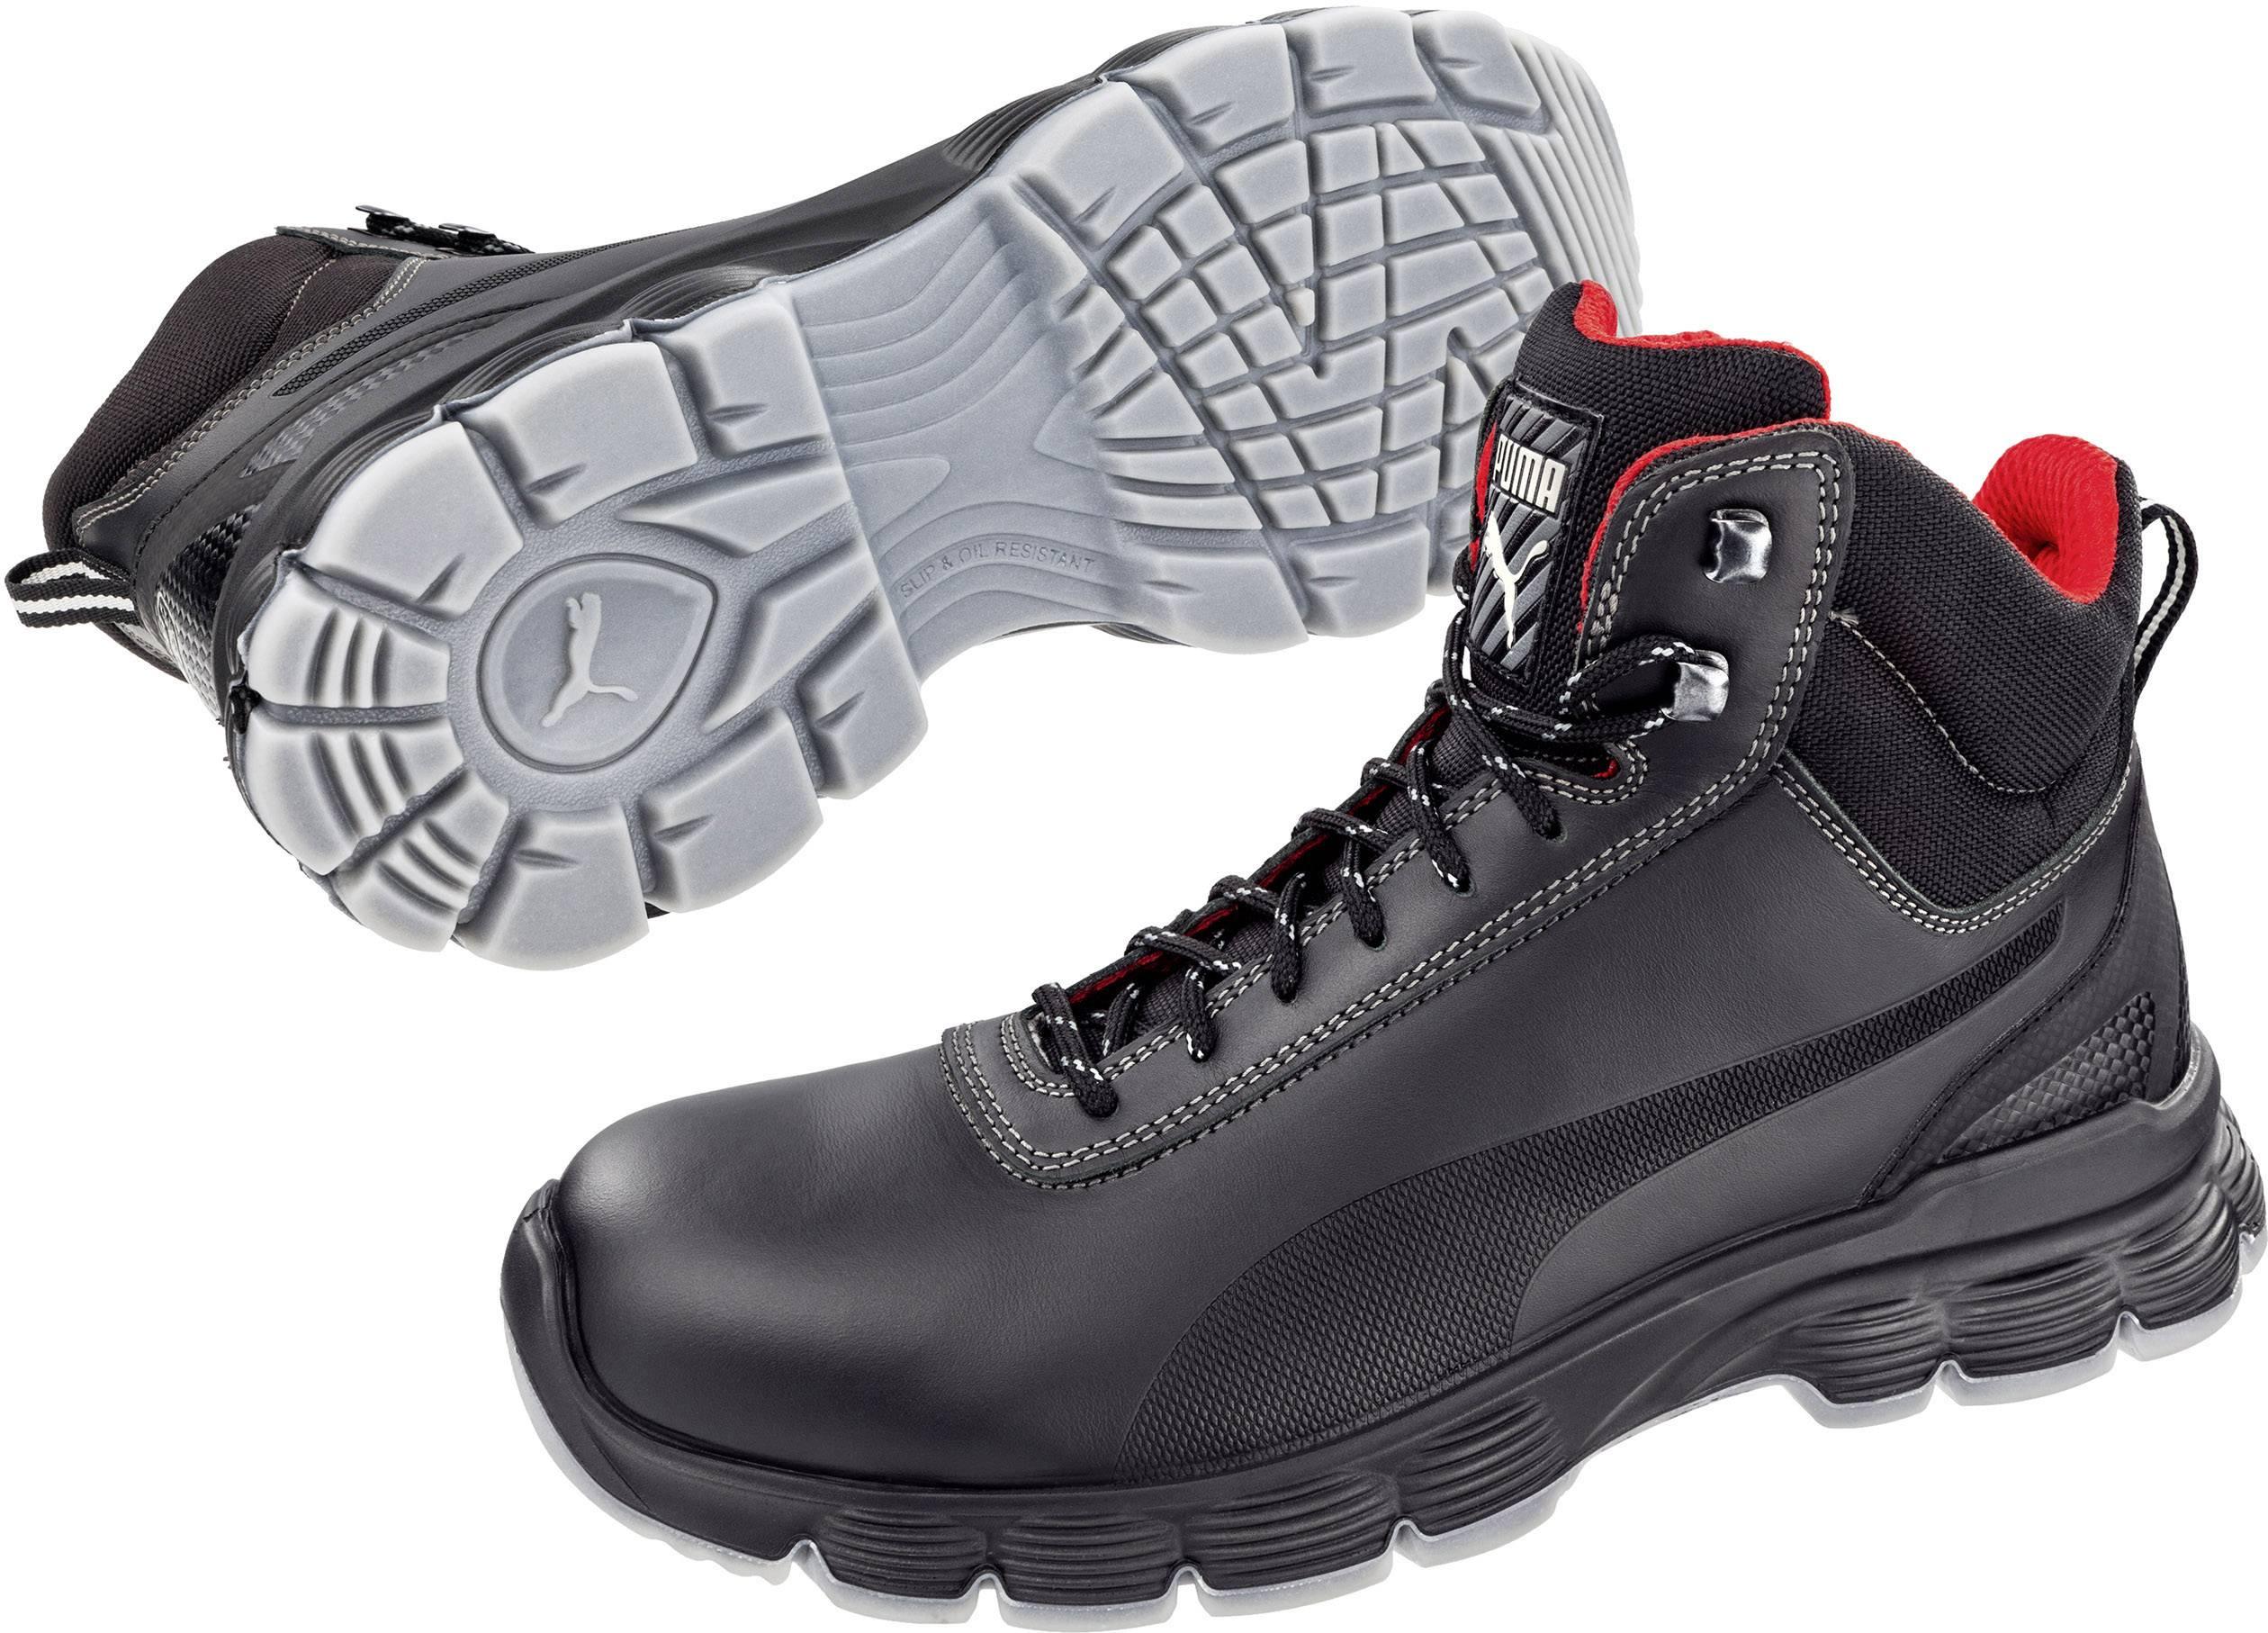 Bezpečnostná obuv ESD (antistatická) S3 PUMA Safety Pioneer Mid ESD SRC 630101-42, veľ.: 42, čierna, 1 pár